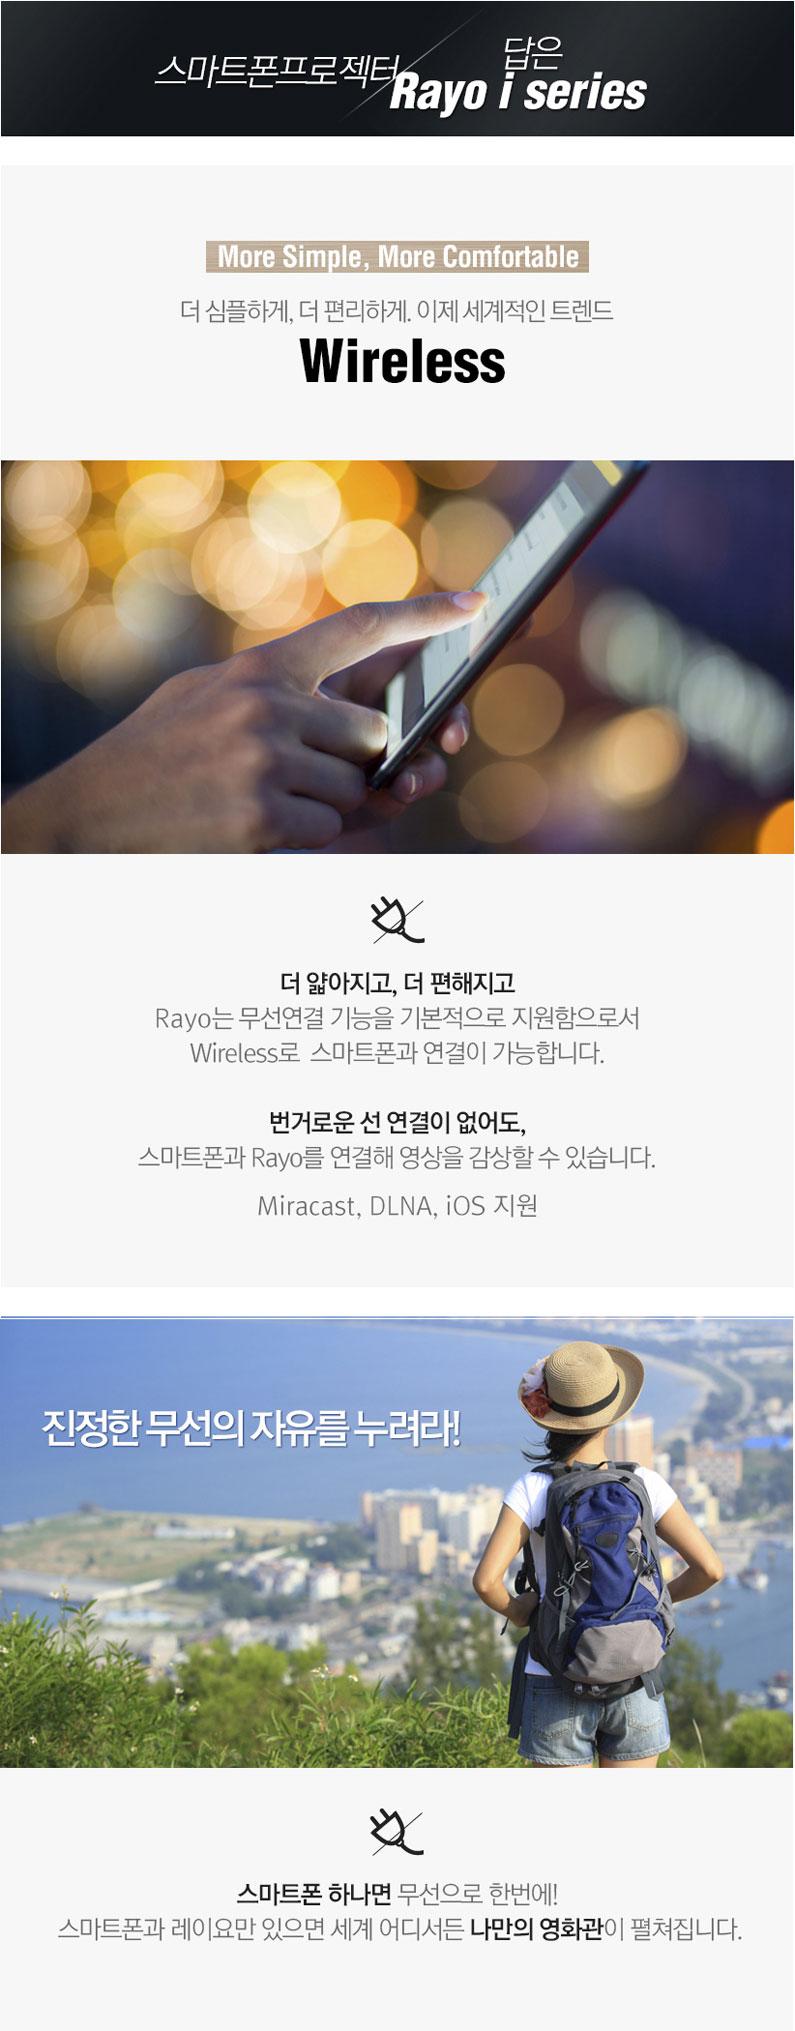 미니빔 프로젝터 100안시 LED 캐논 레이요 i5 빔프로젝터 Rayo i5 빔프로젝트 Miracast DLNA 배터리 237g LED미니빔 스마트폰 프로젝터 해상도 WVGA(854*480) 솔로몬기술단 02-711-4003